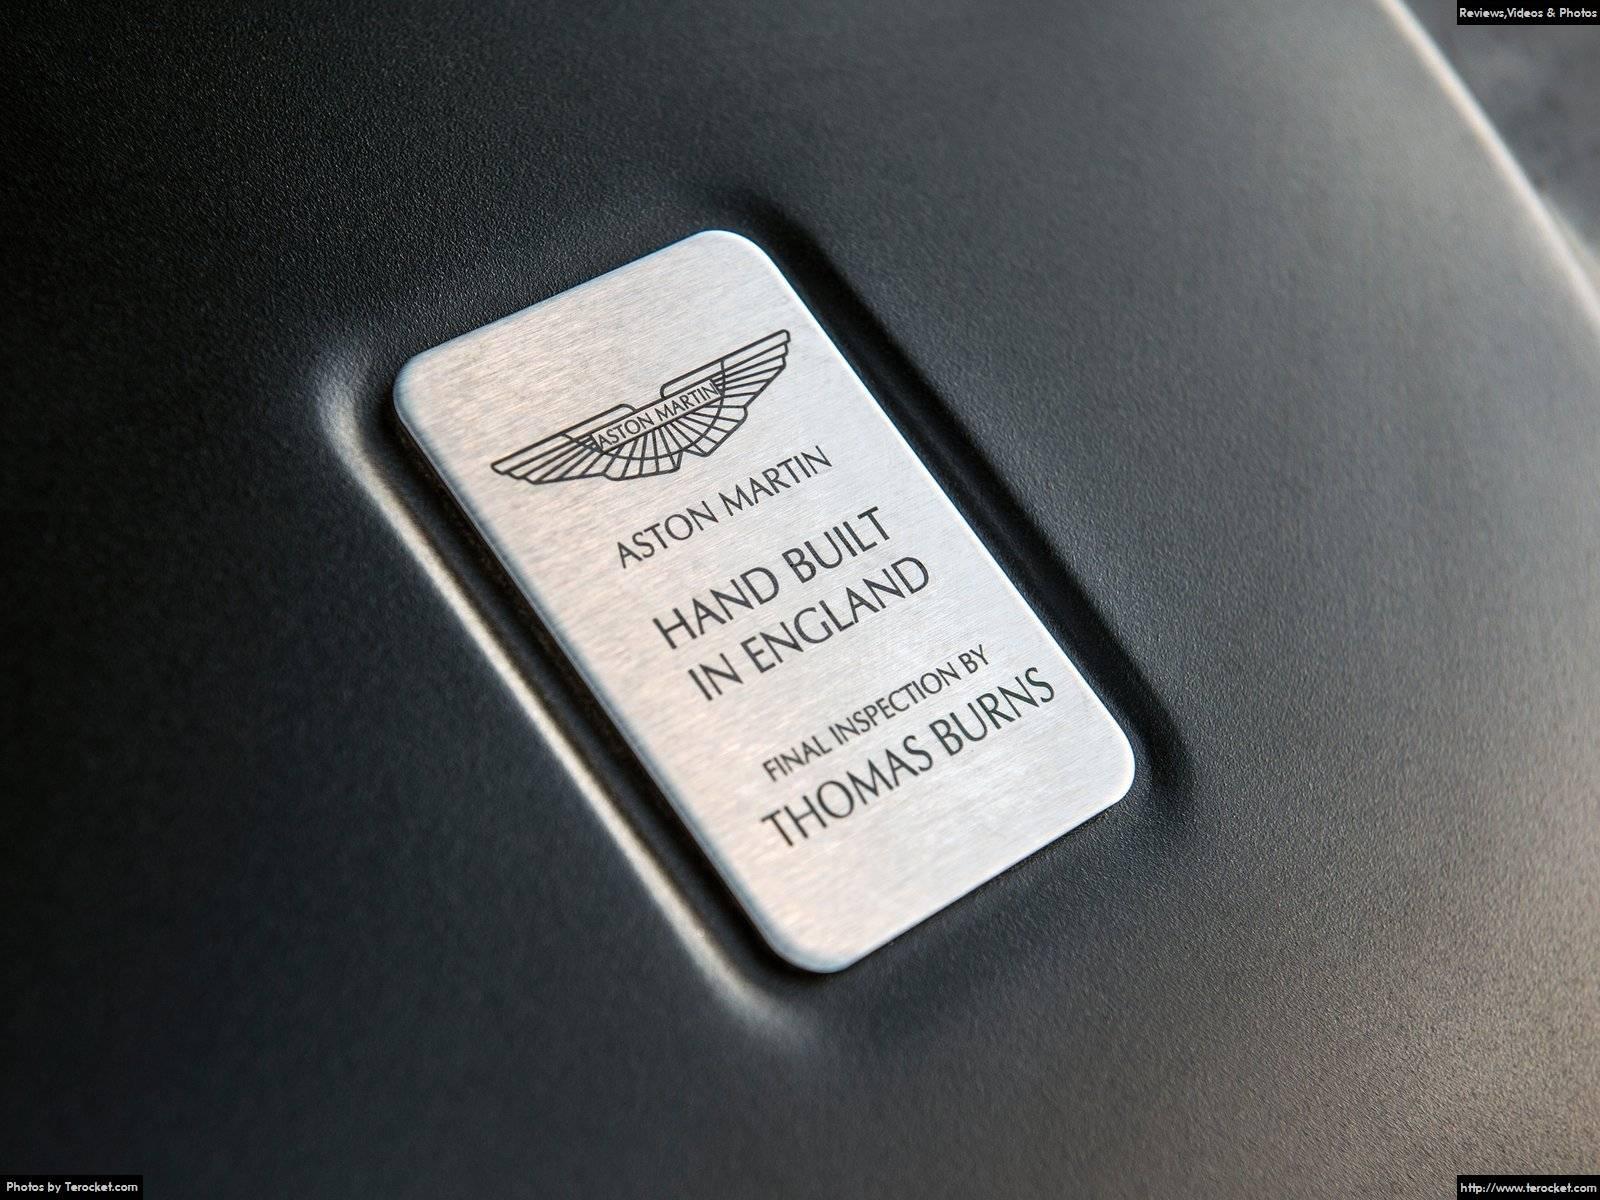 Hình ảnh xe ô tô Aston Martin DB9 GT 2016 & nội ngoại thất